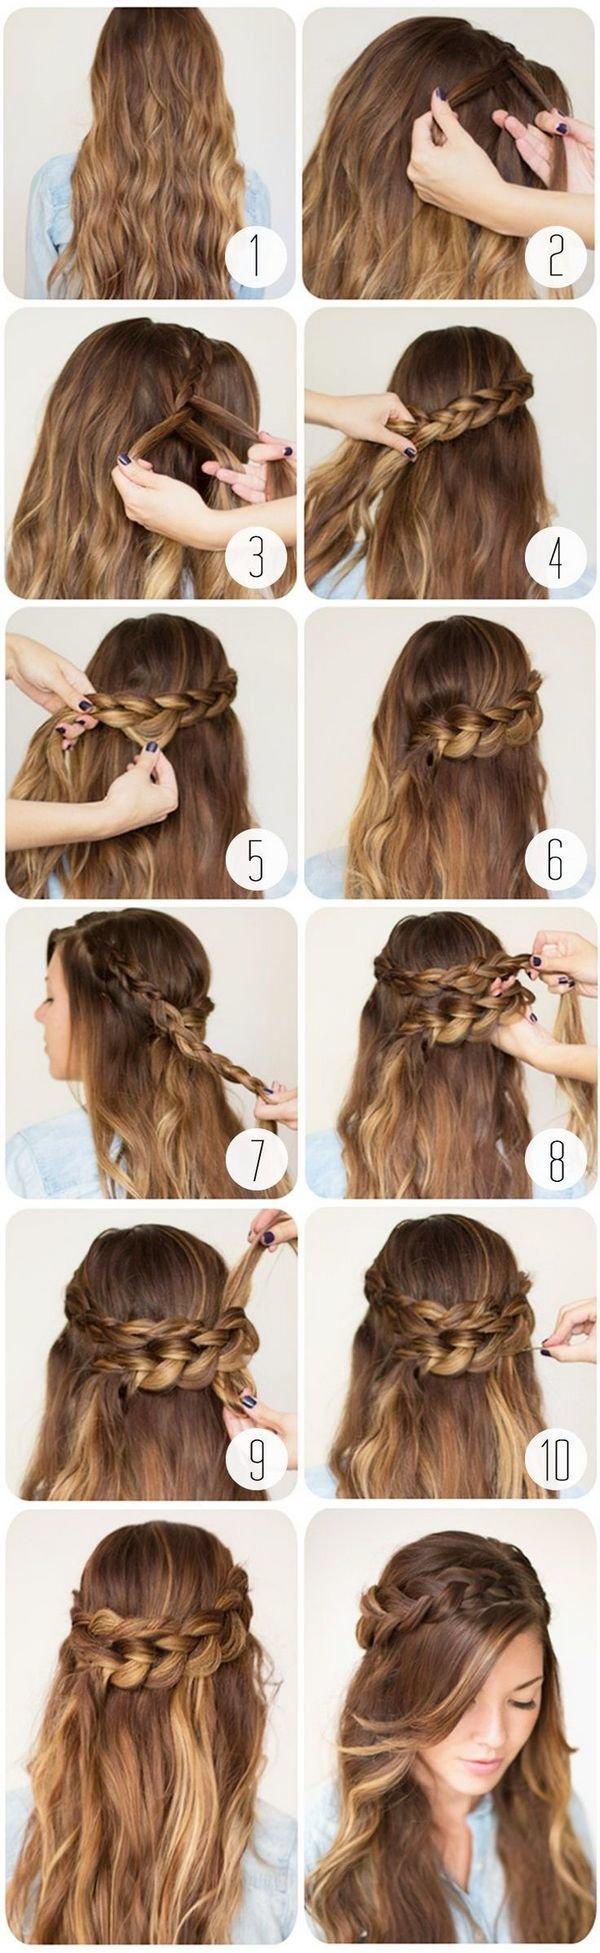 бантик из волос пошаговая инструкция фото